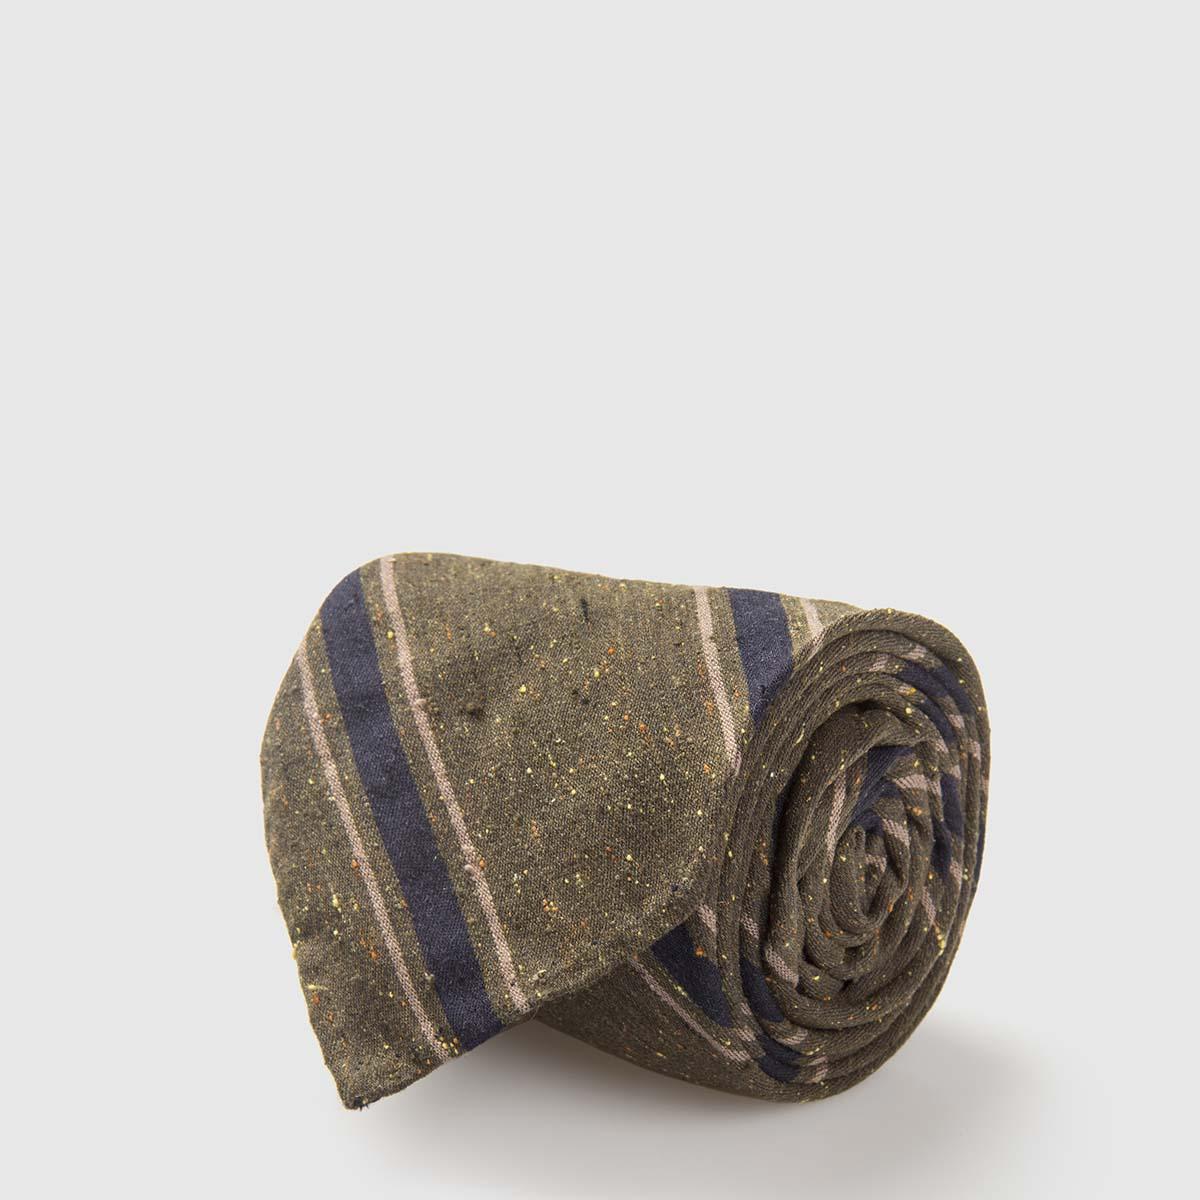 G Inglese Silk Shantung Tie with dark green background